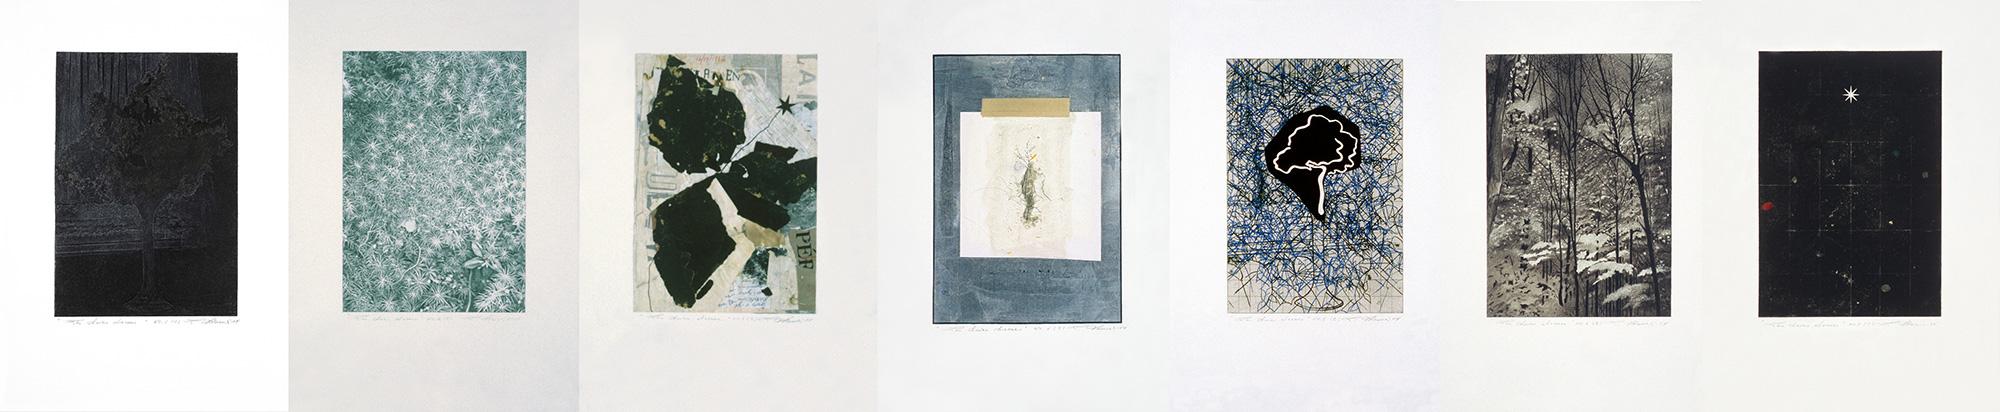 Les clairs-obscurs - Série C, 2004 - 2005. Techniques mixtes sur papier fort, 42,5 x 210 cm.